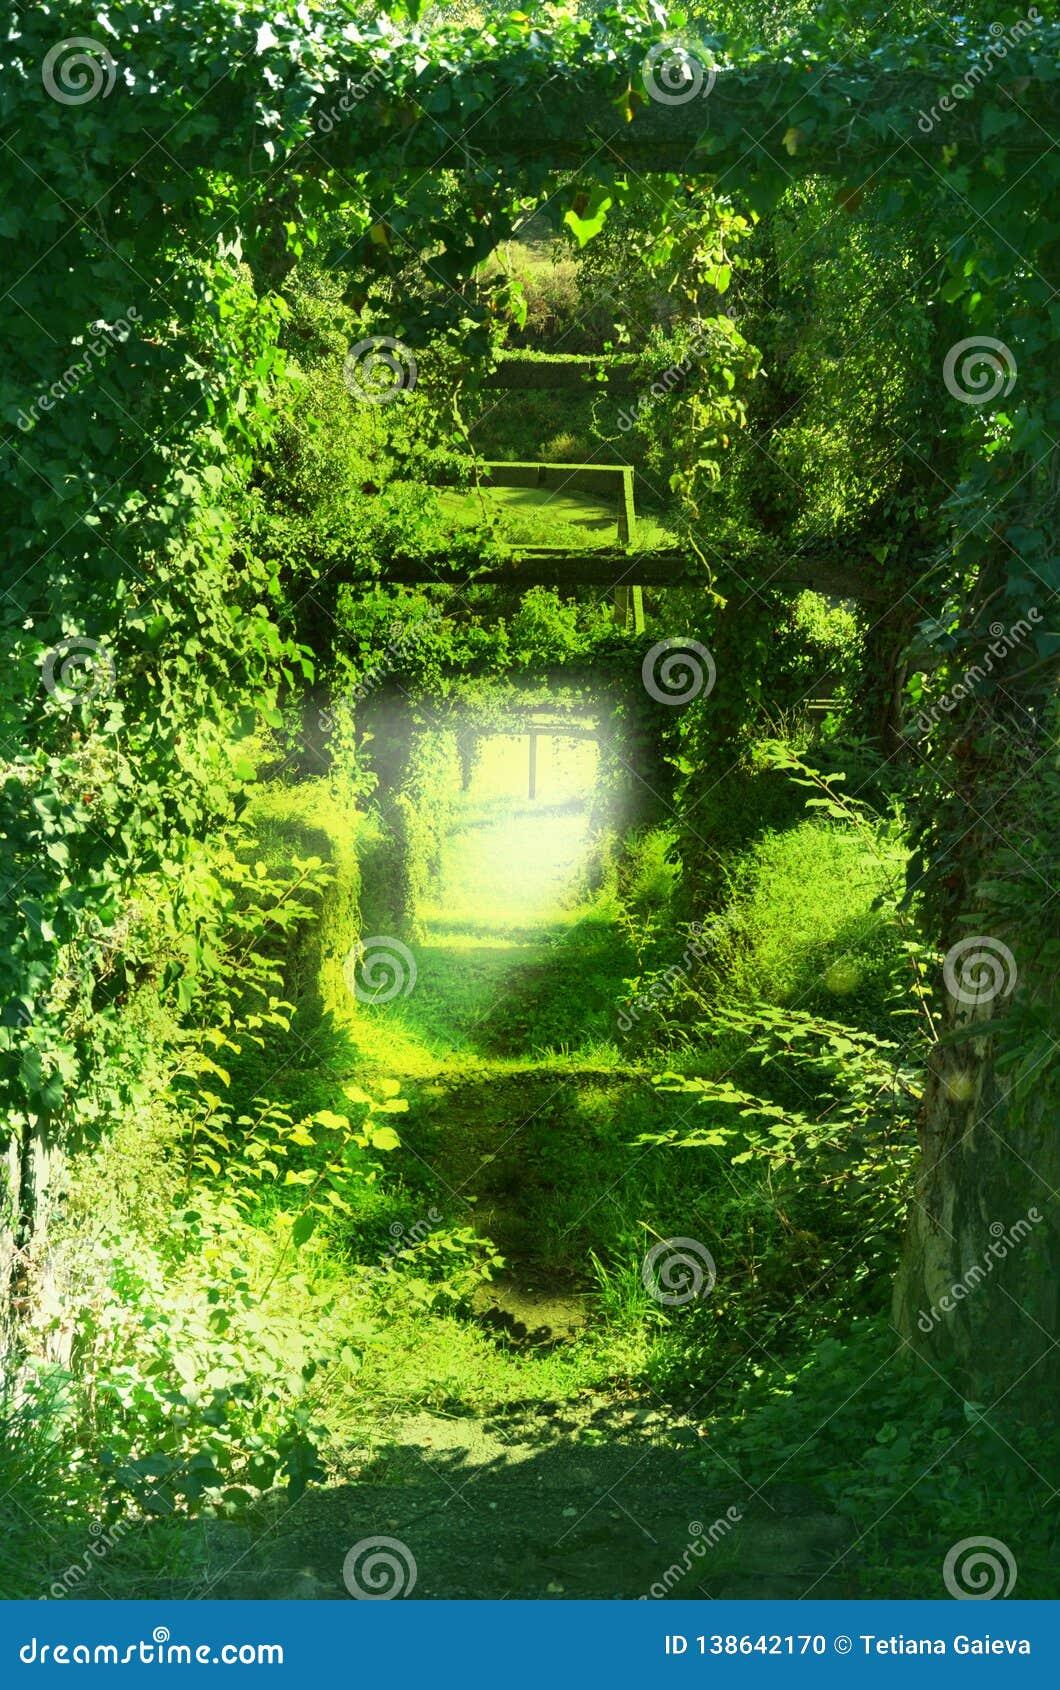 Ίχνος στις πράσινες σήραγγες των κλάδων των δέντρων, χλόη, άμπελοι αναρρίχησης εικόνα